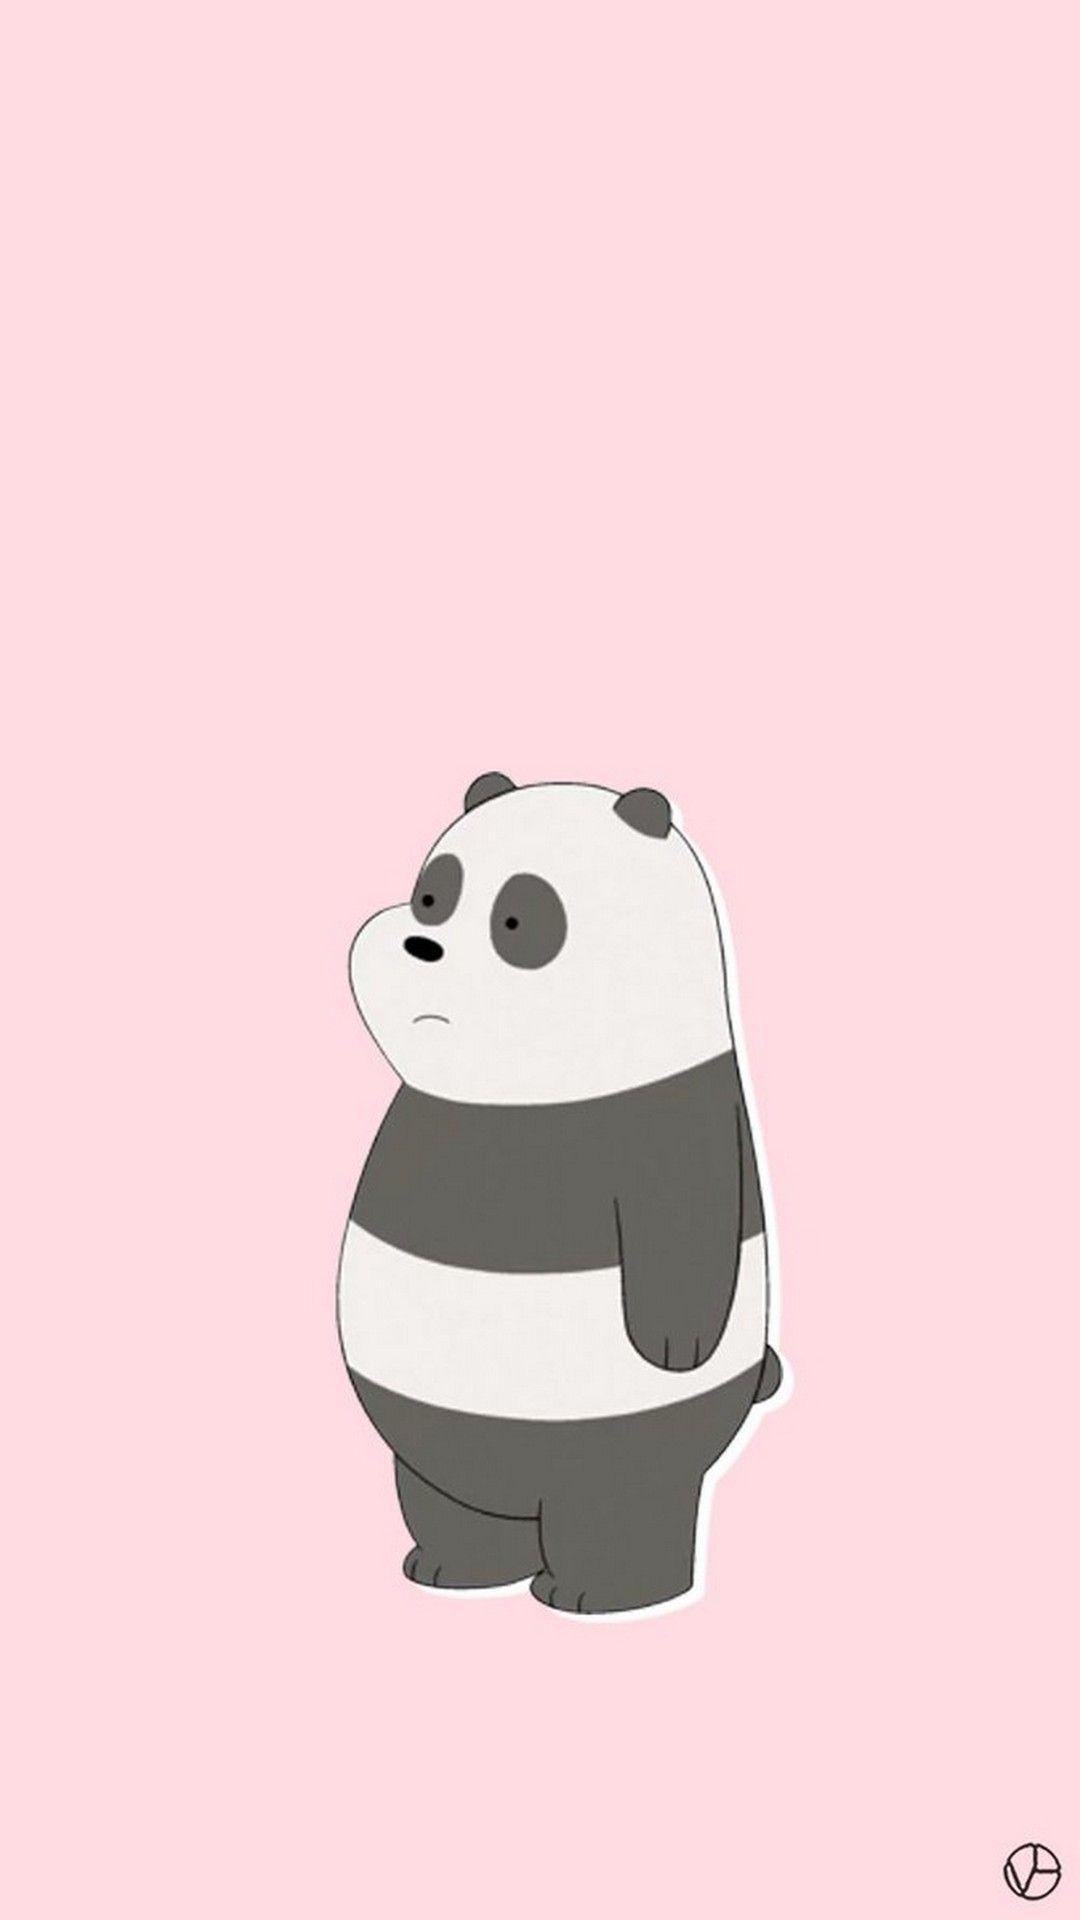 Pink Panda Wallpapers On WallpaperDog